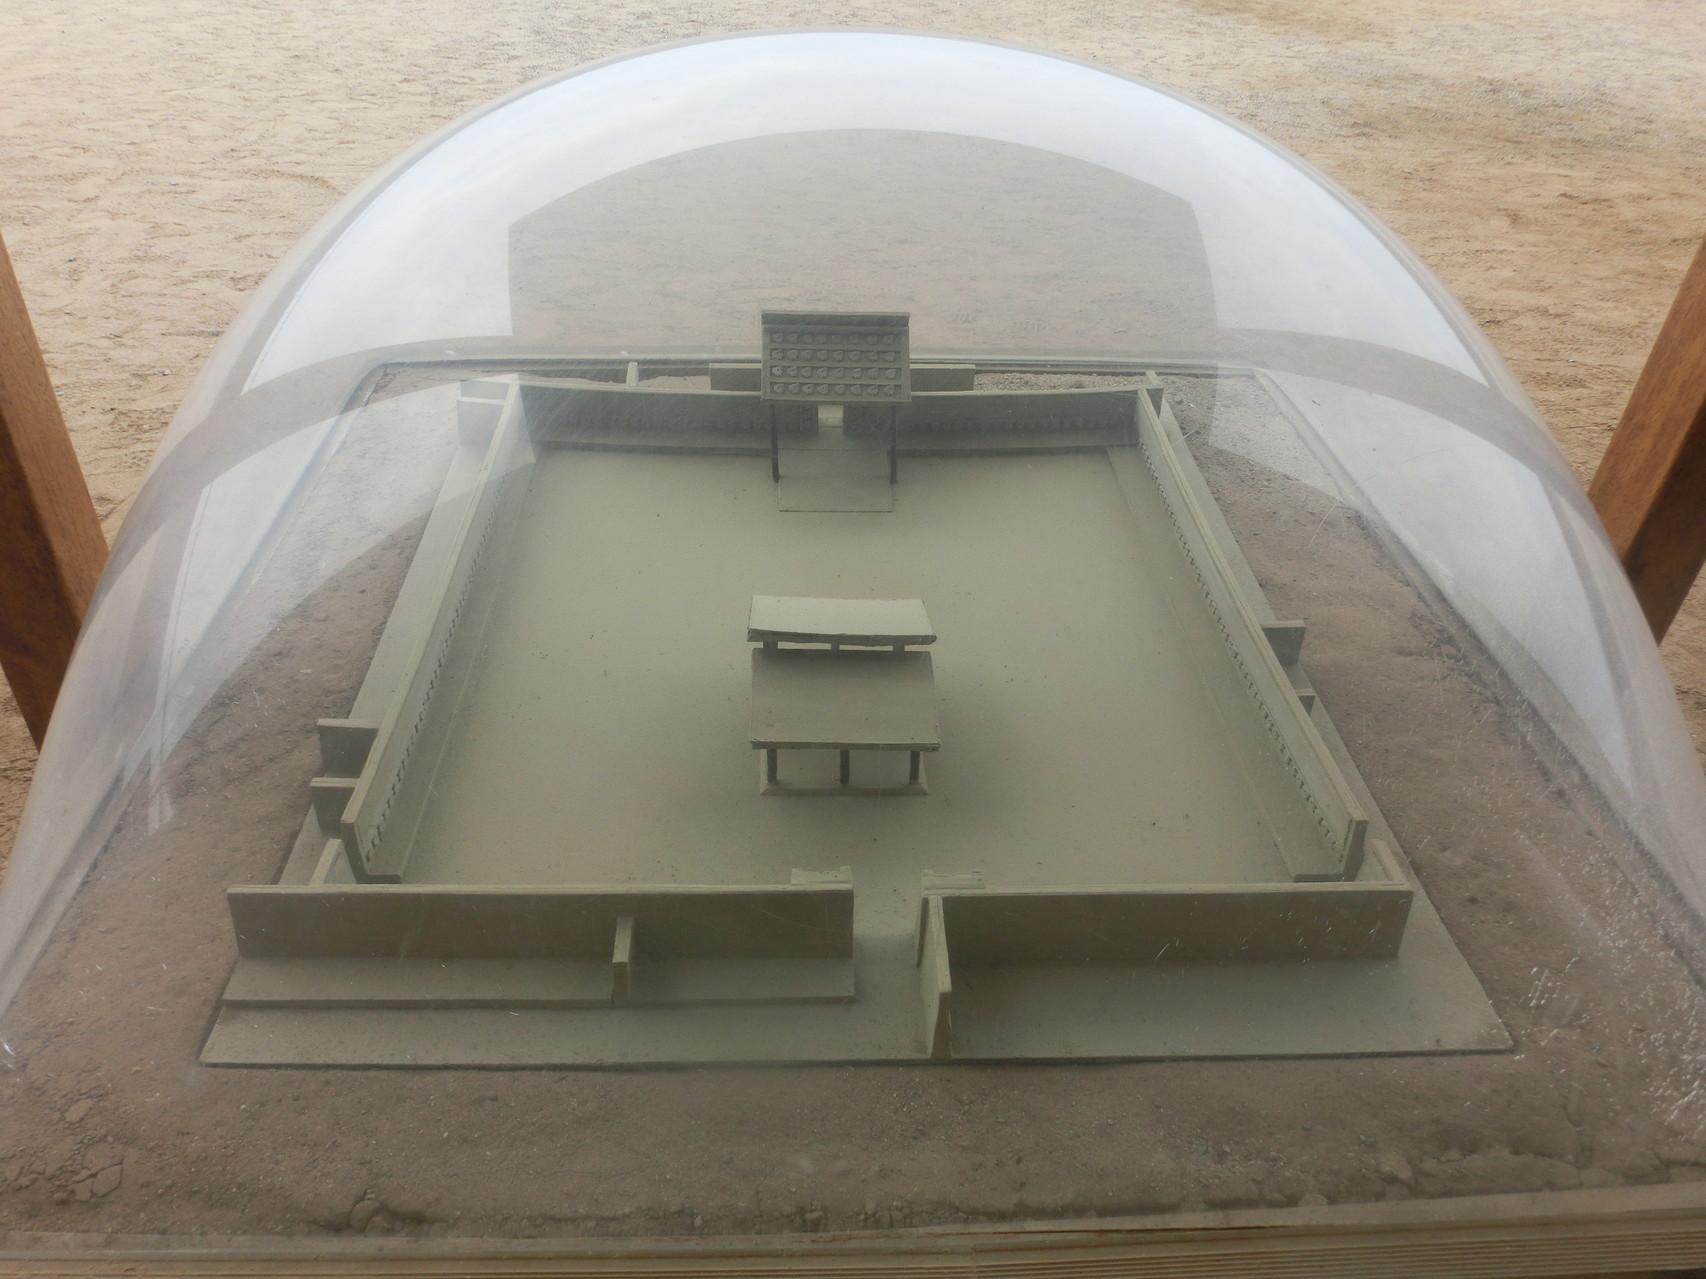 Ein Modell des Haupt- und Zeremonialplatzes